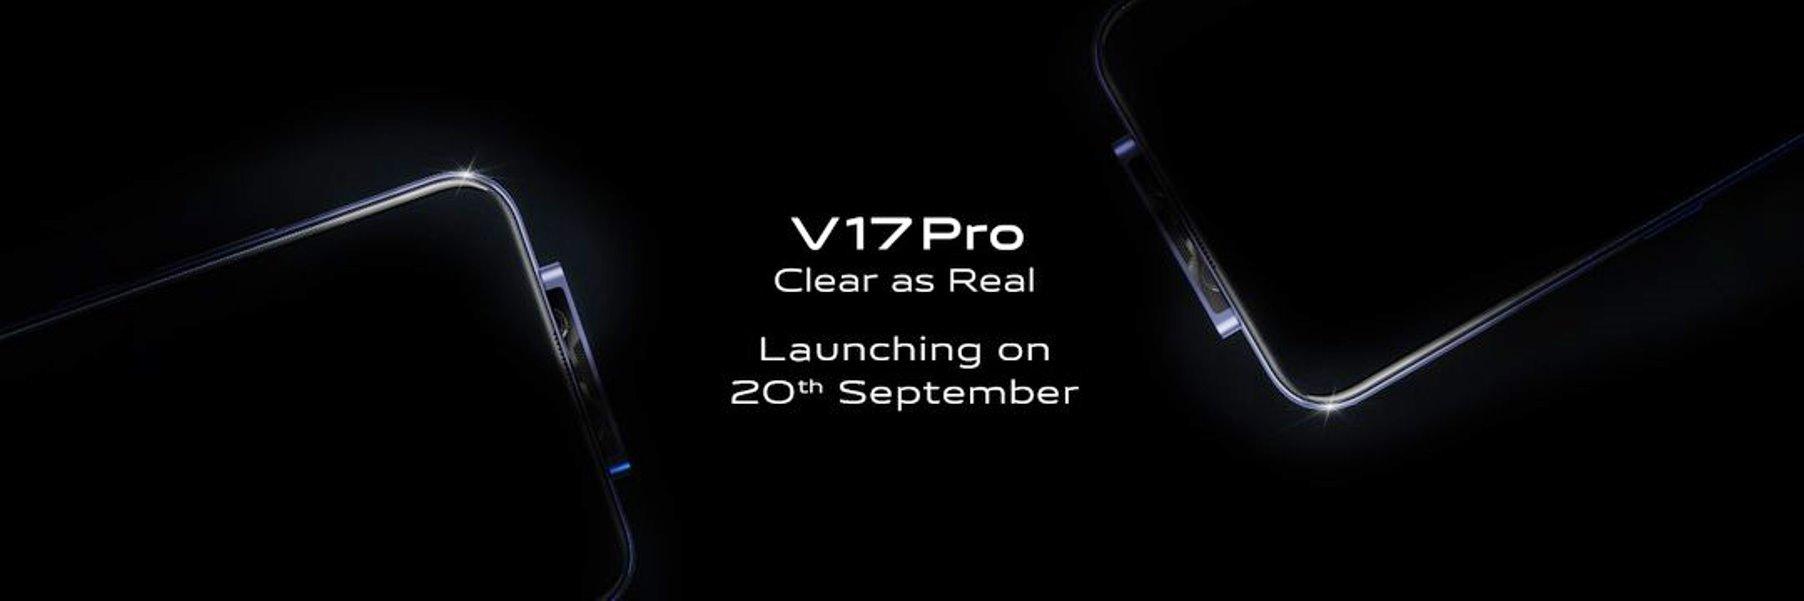 Vivo přinese V17 Pro už příští týden